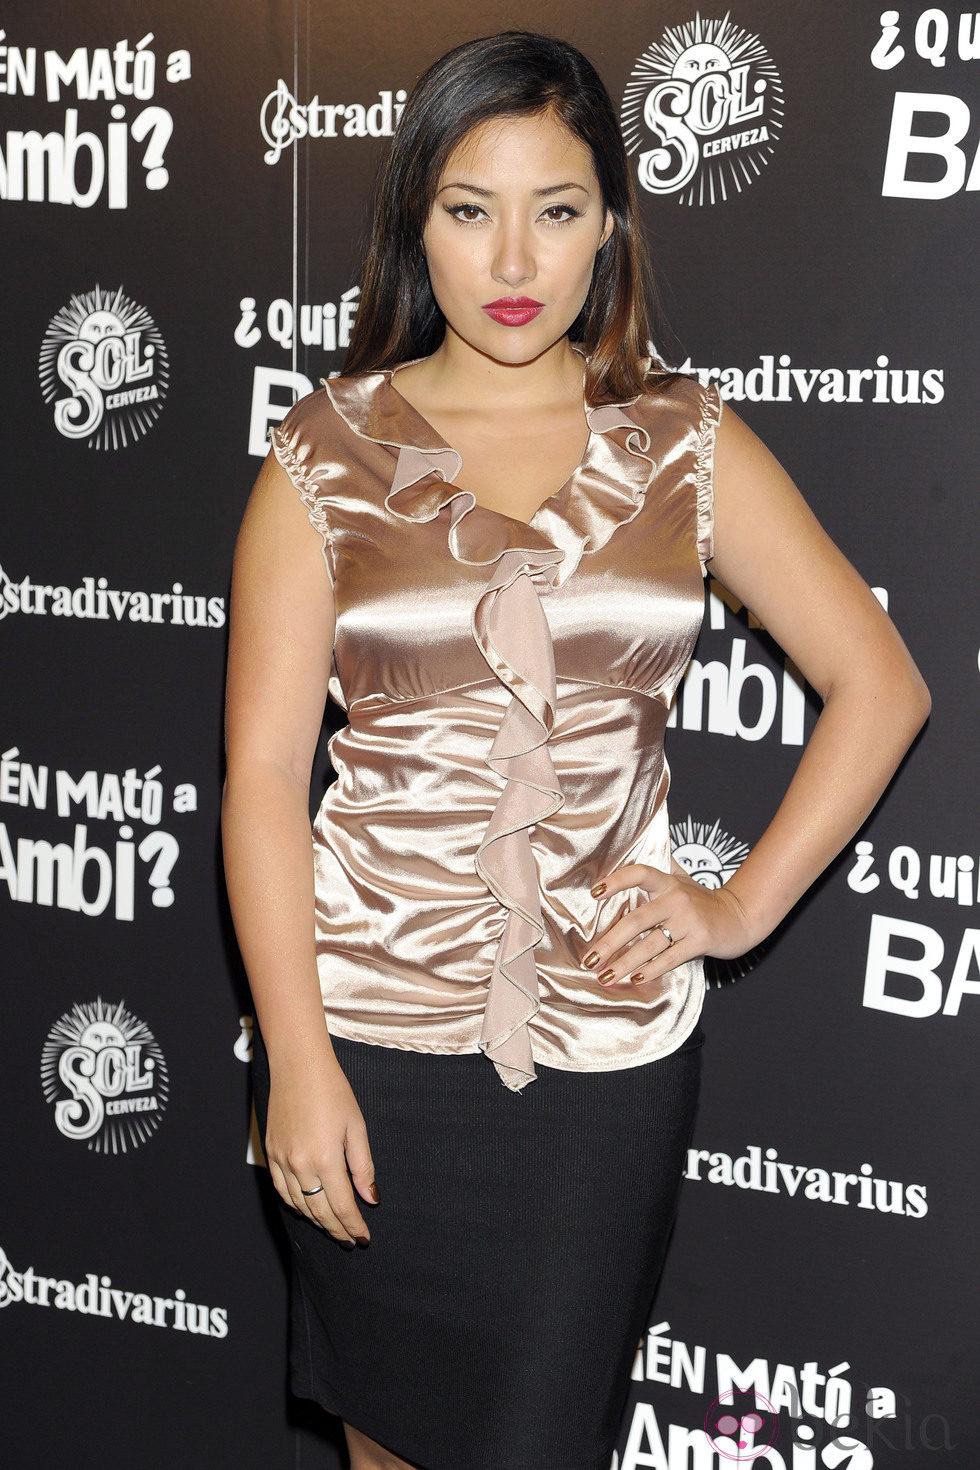 Giselle Calderón en el estreno de '¿Quién mató a Bambi?' en Madrid